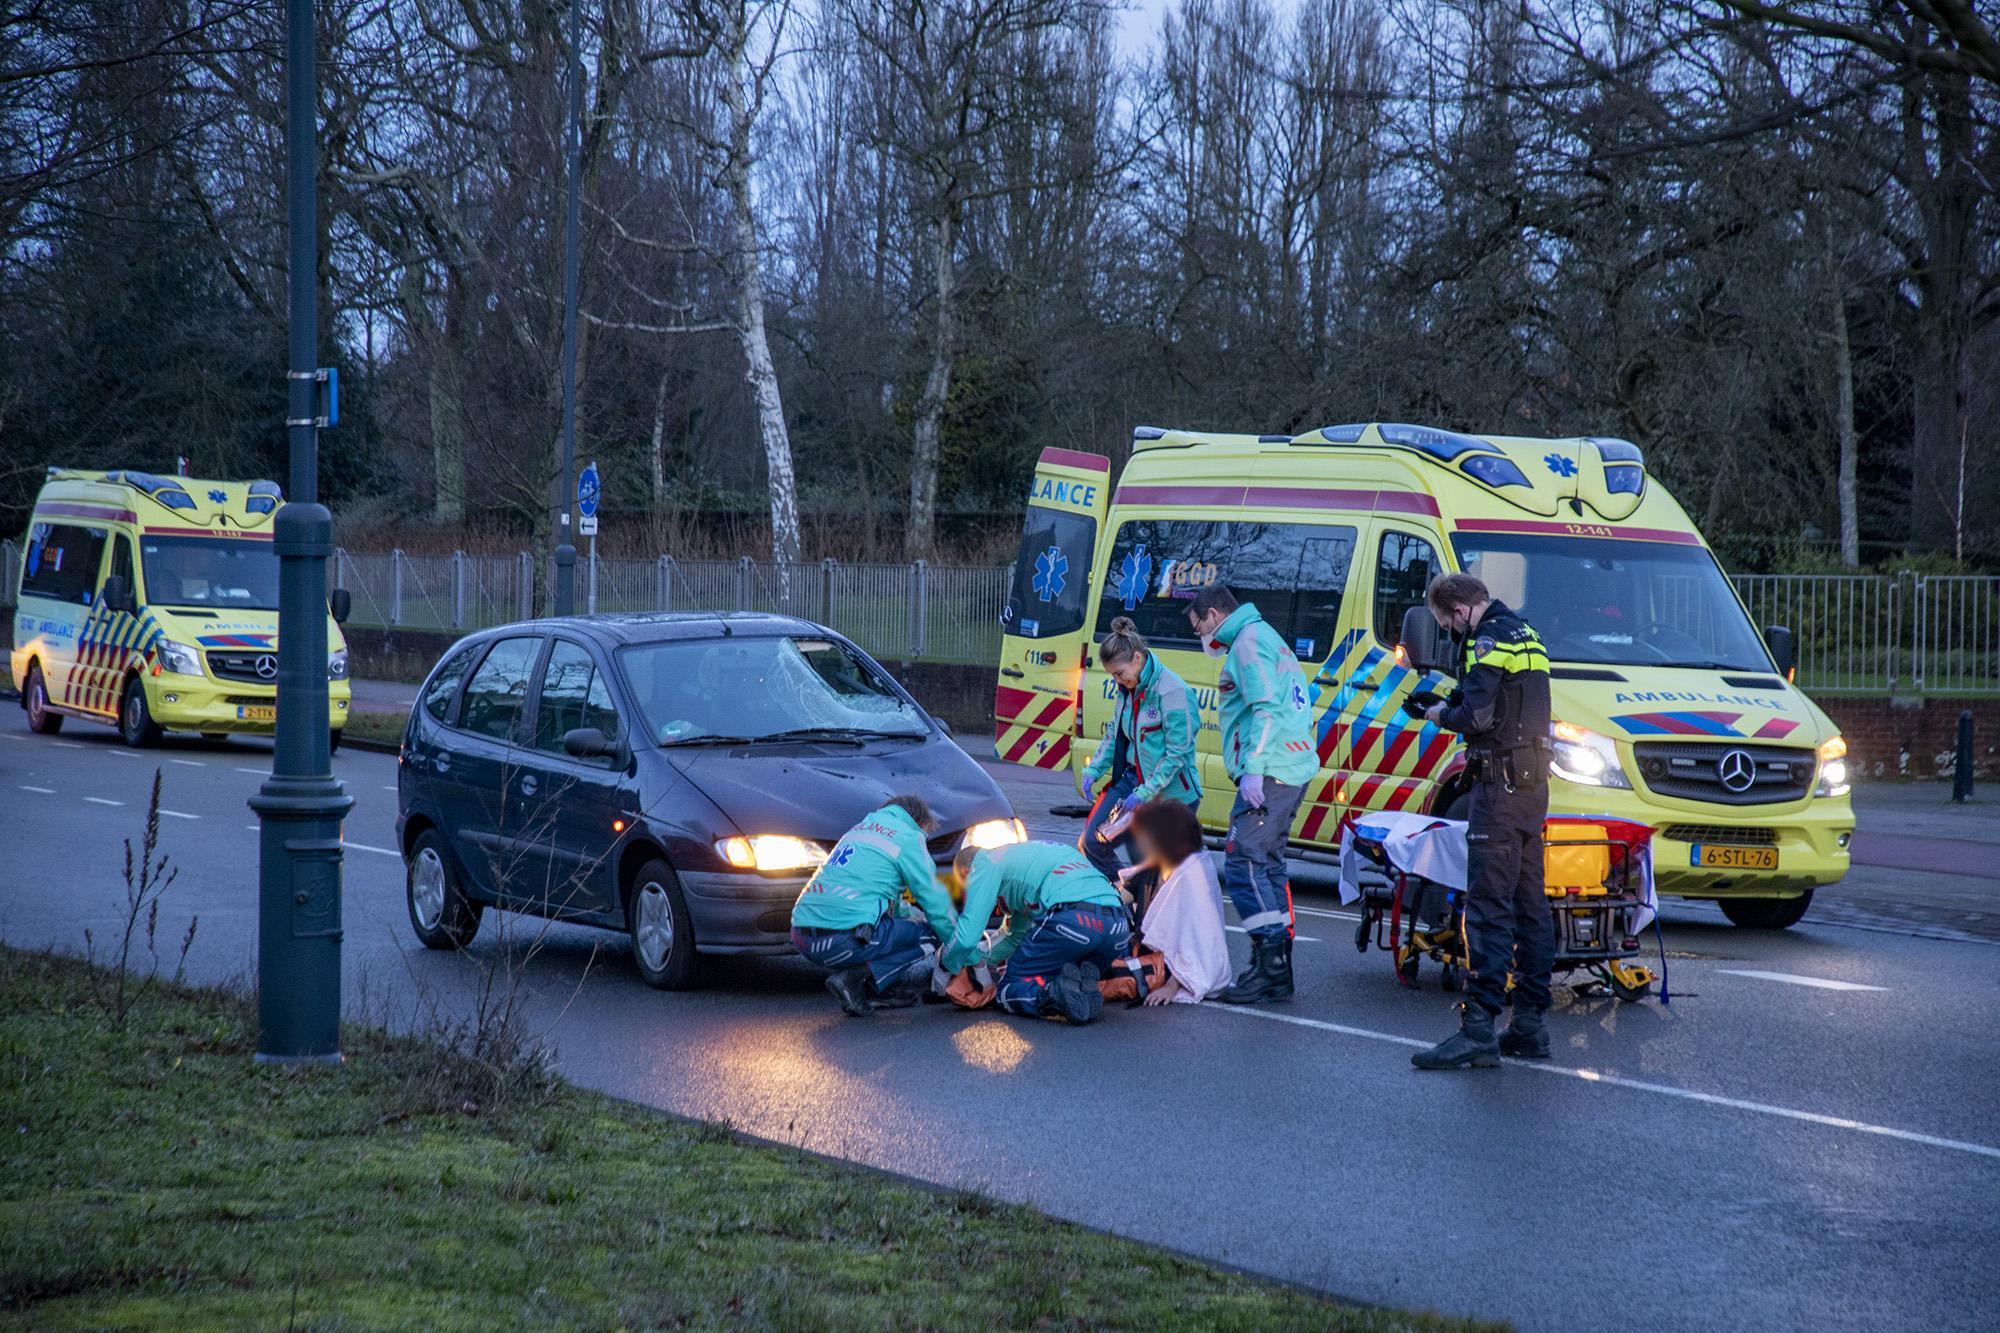 Fietser raakt ernstig gewond bij botsing met auto in Haarlem